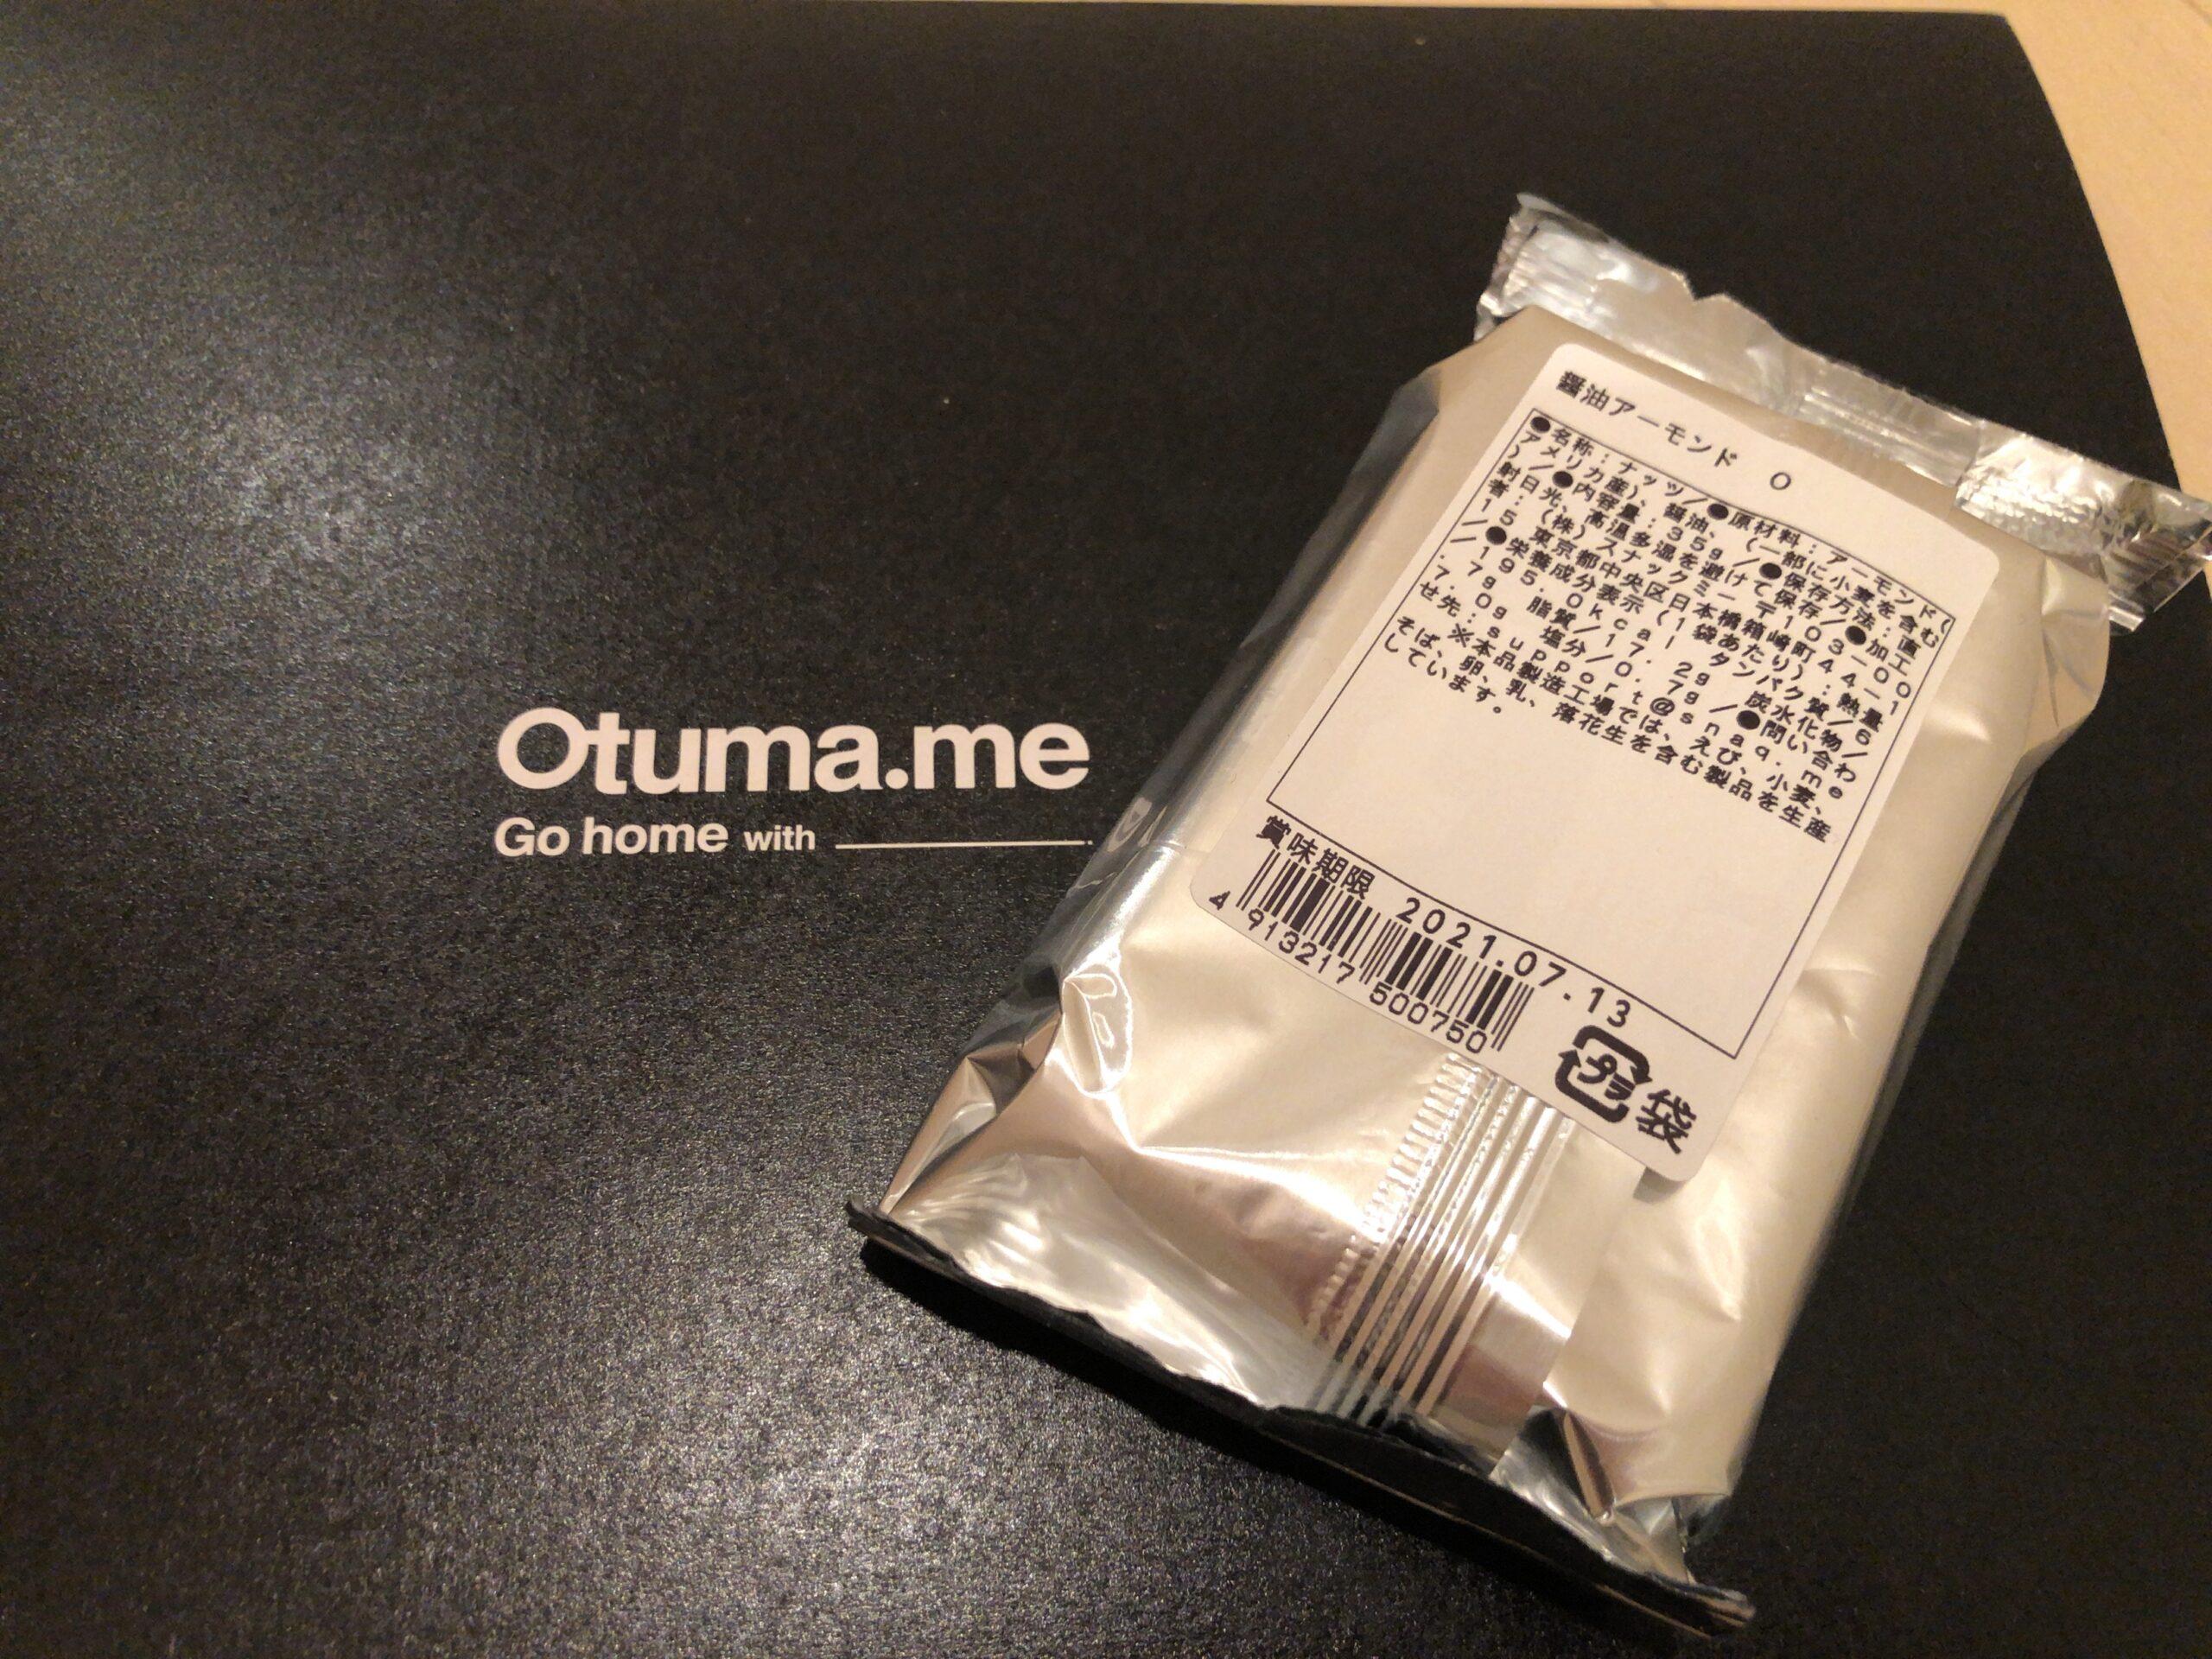 オツマミー08